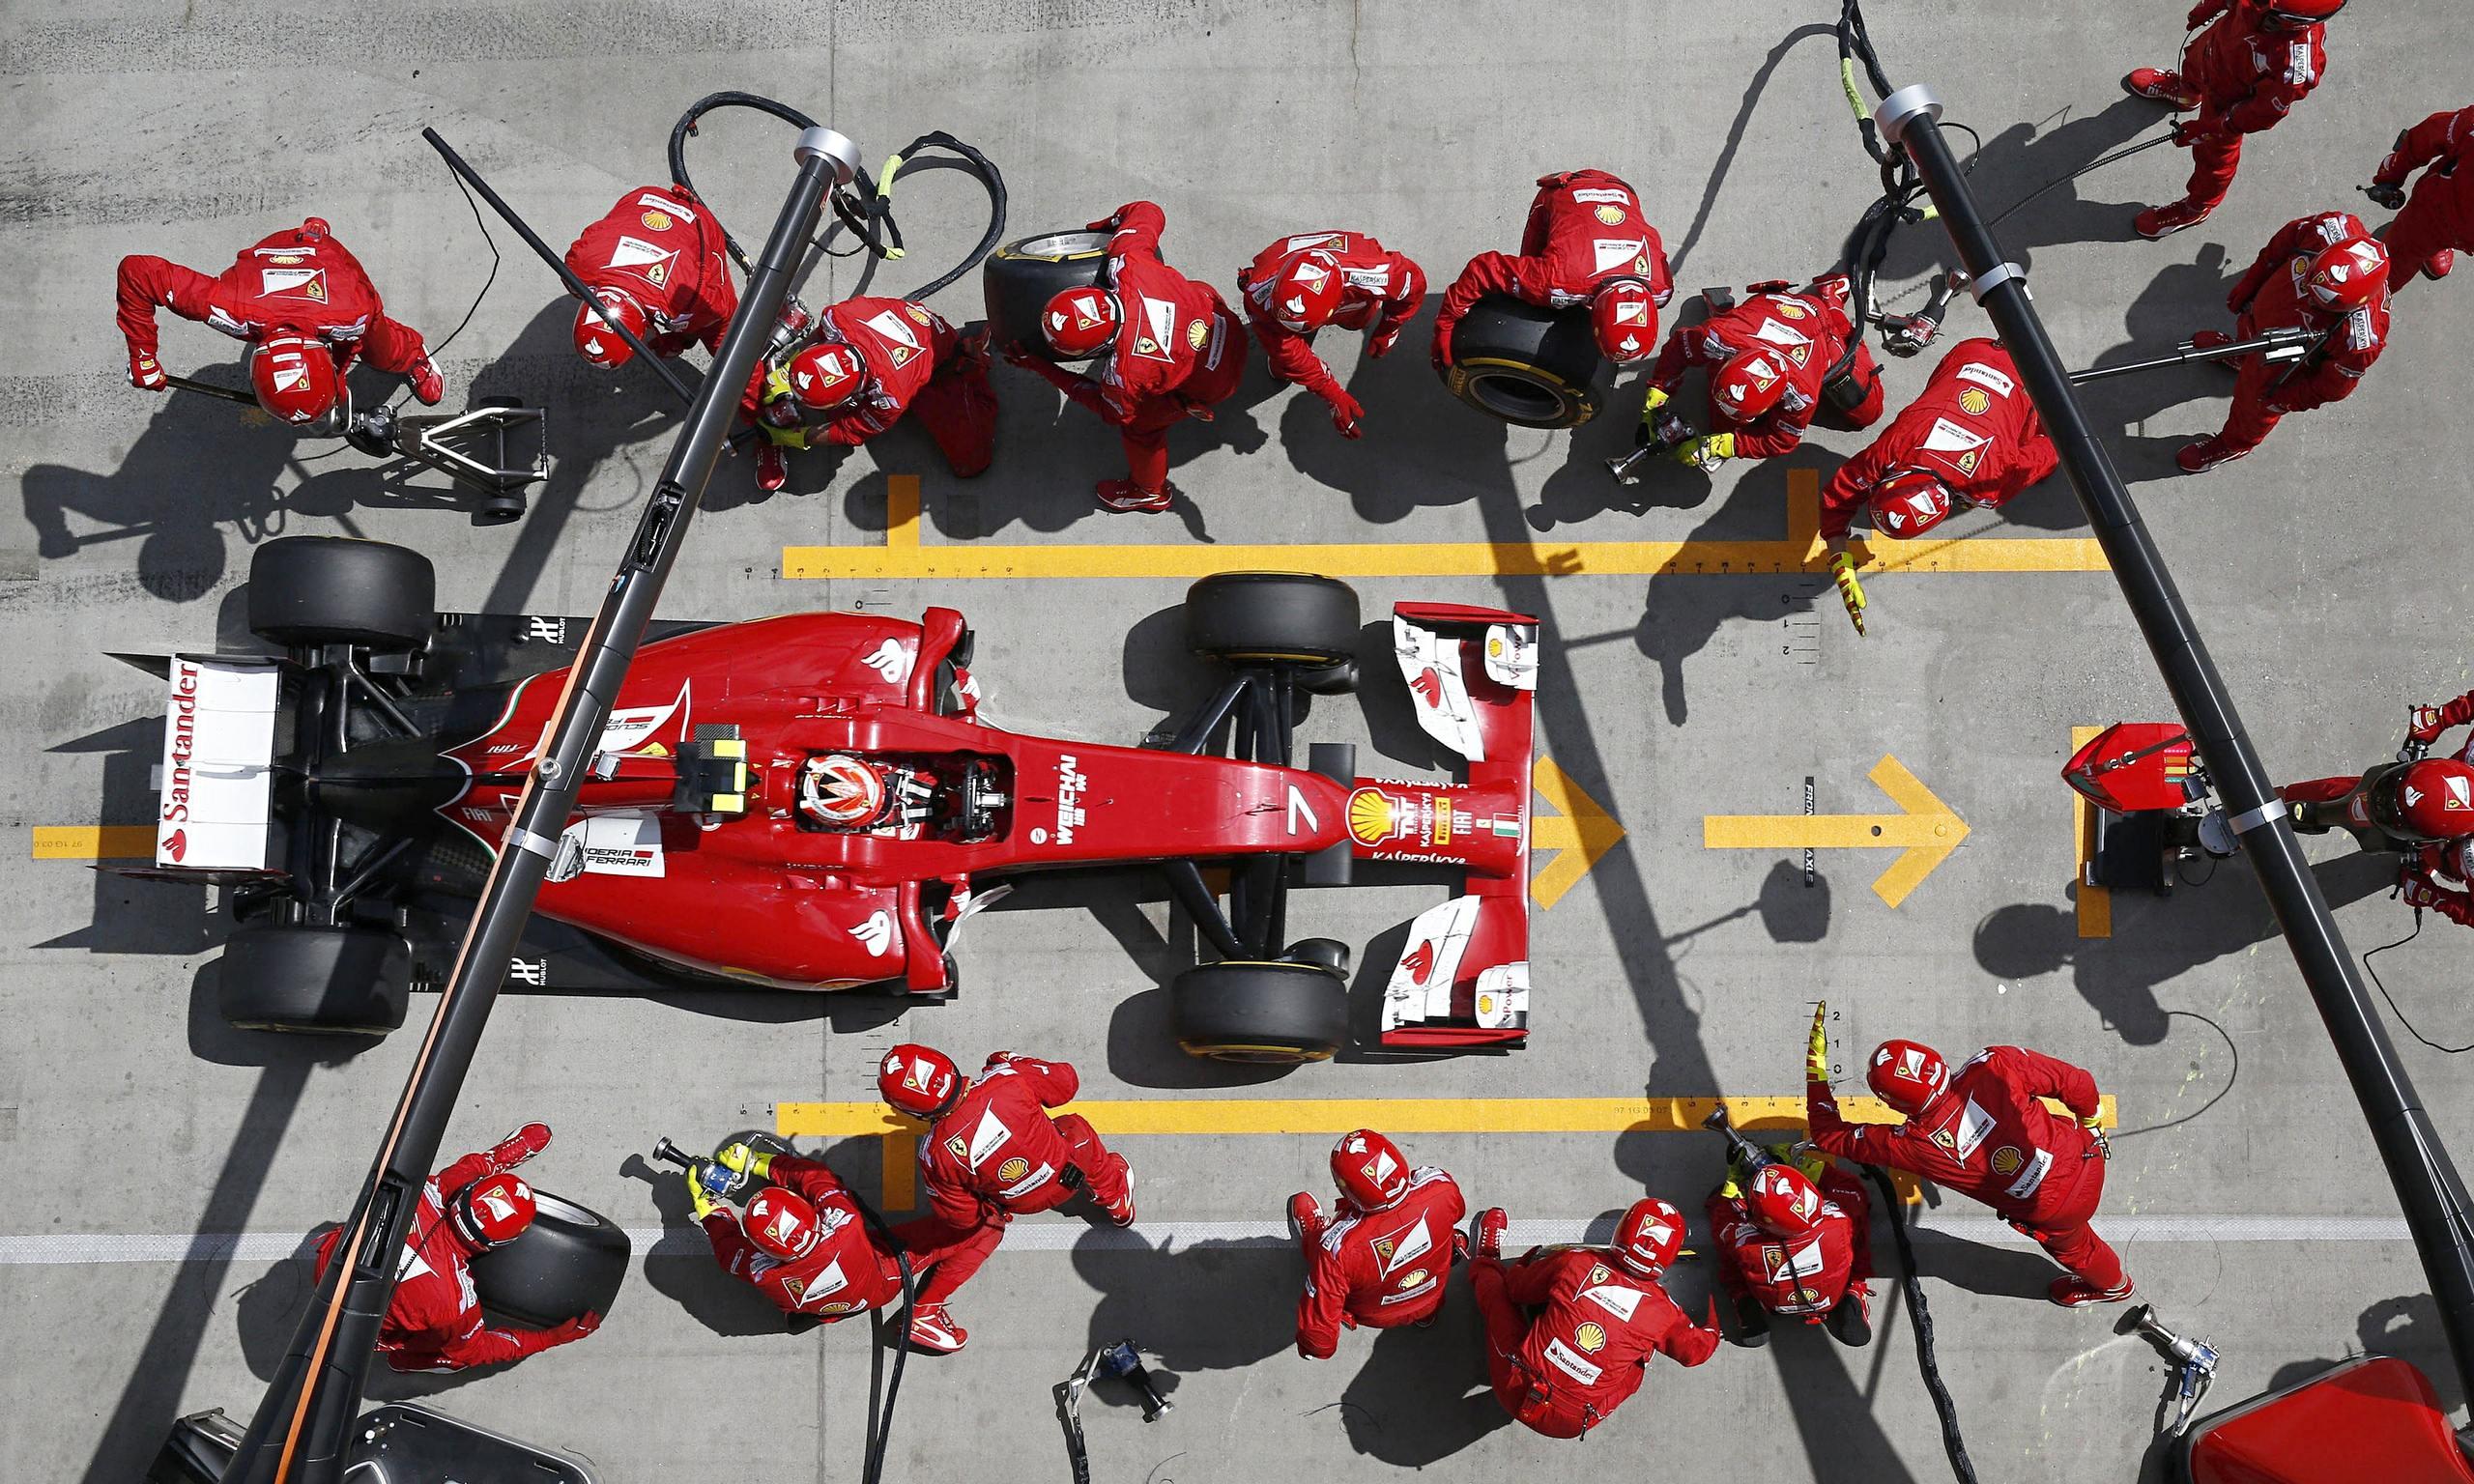 Formel 1 h - Formel 1 bilder